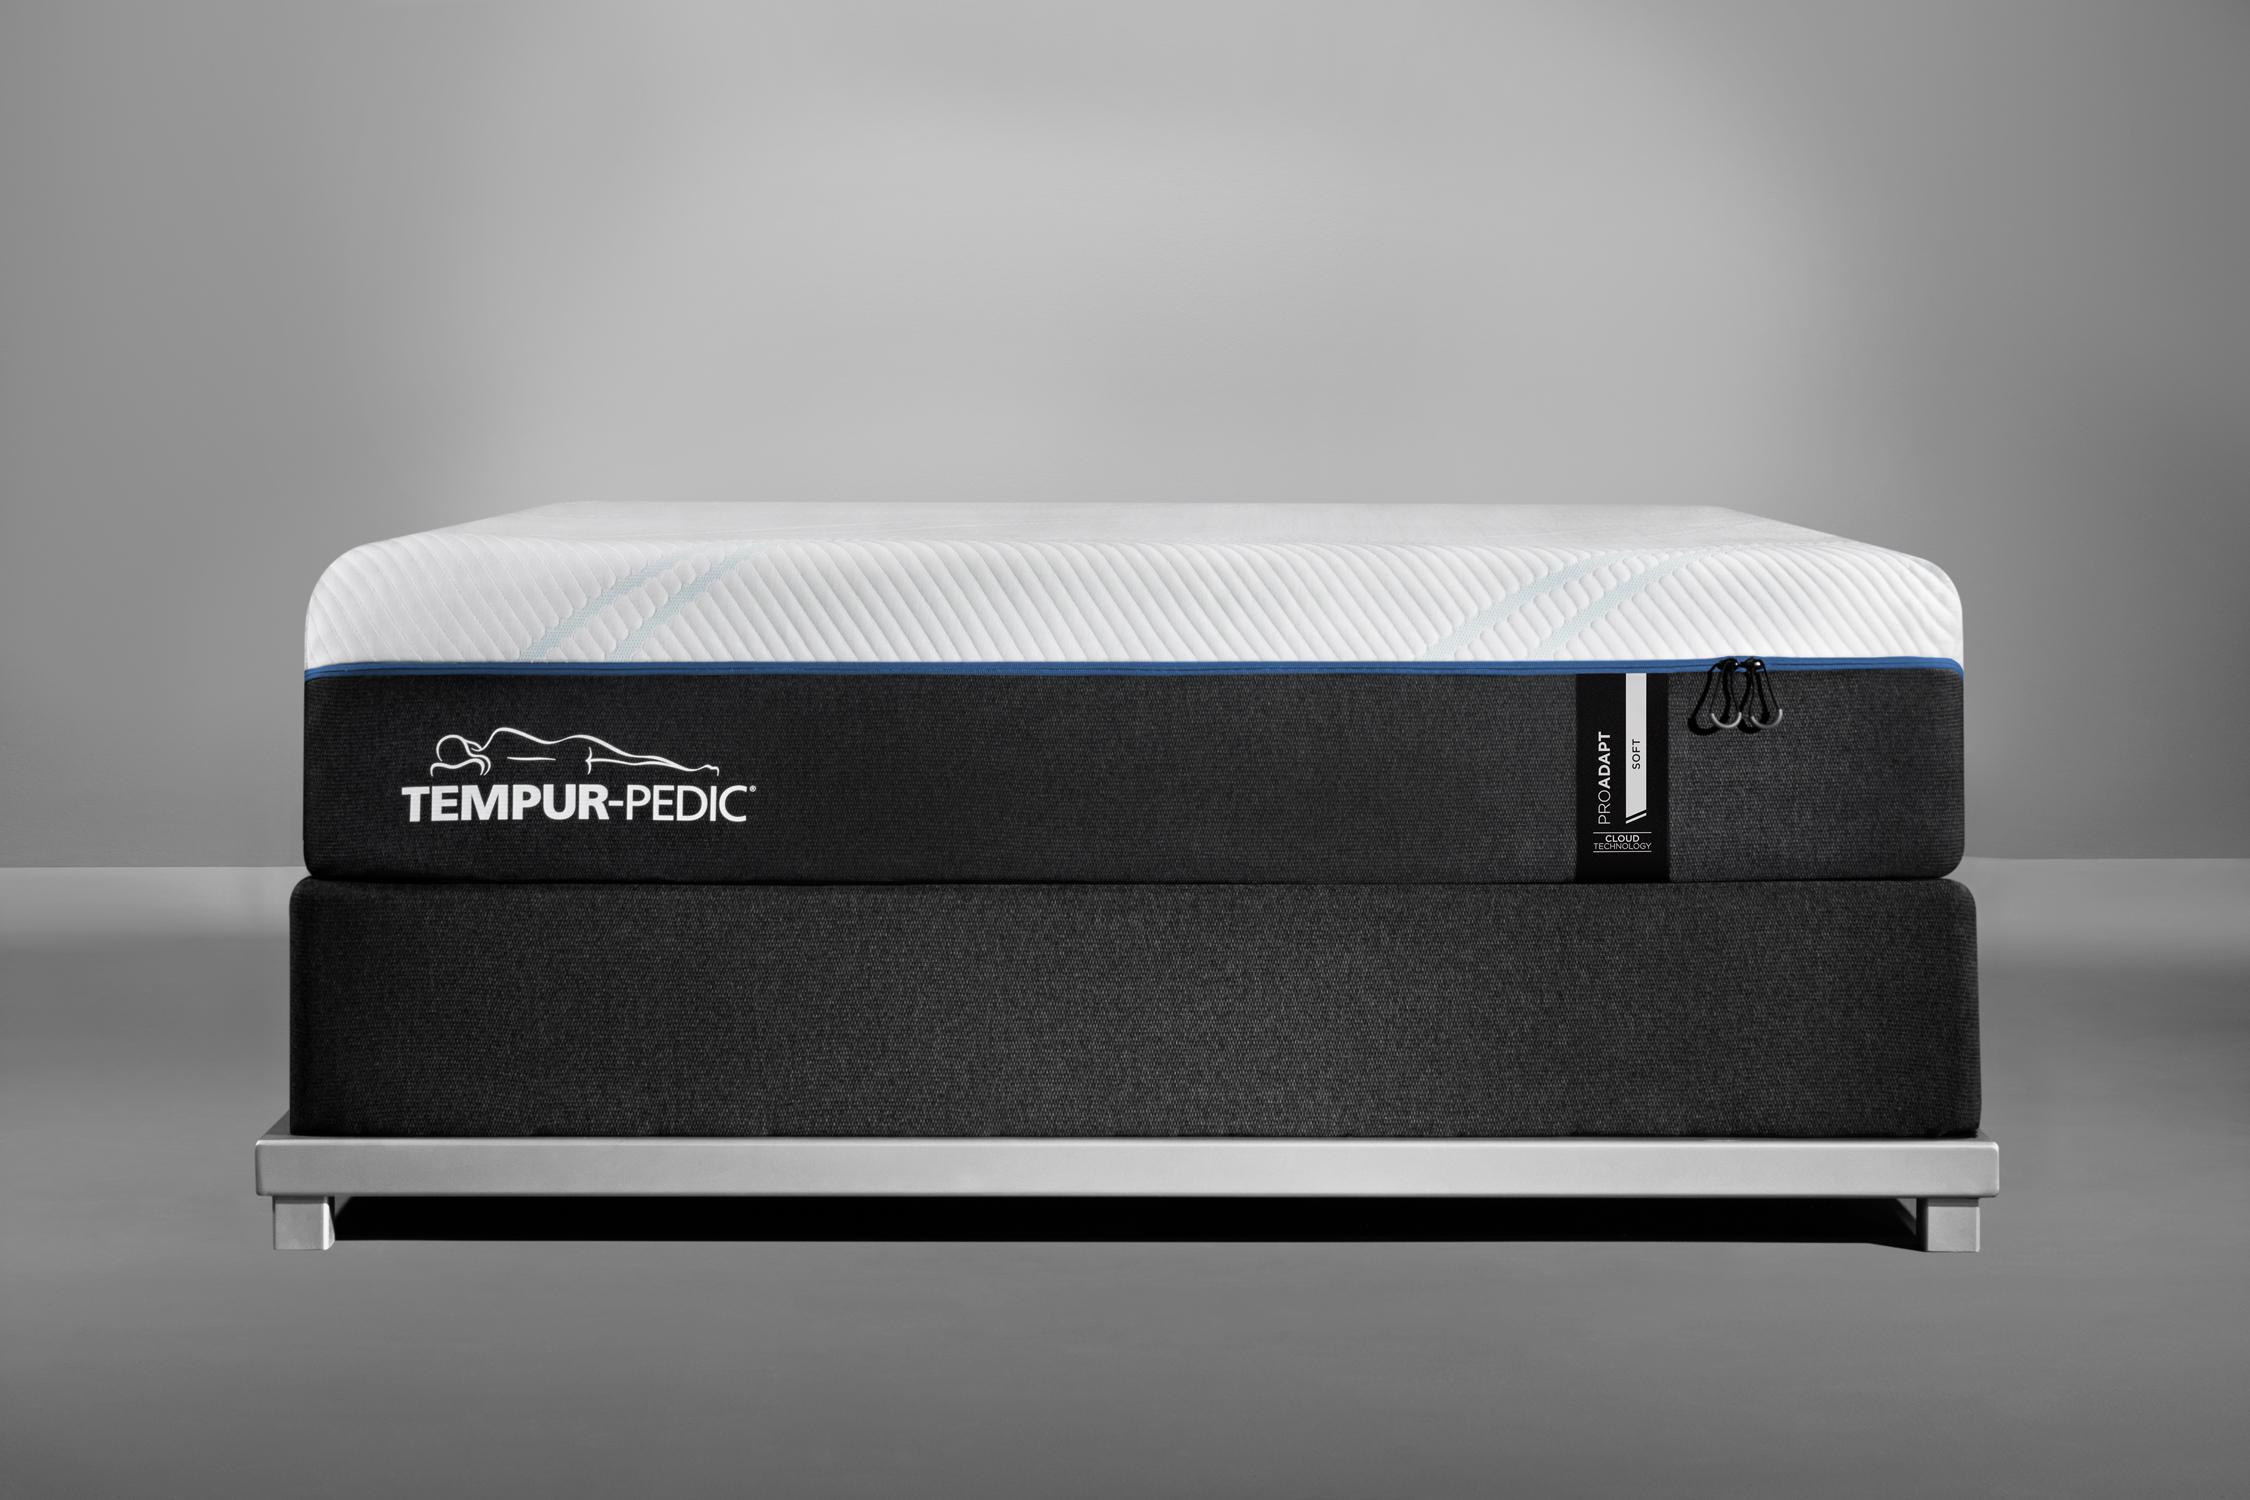 Tempur-pedic Pro Adapt Soft Split Cali King Mattress